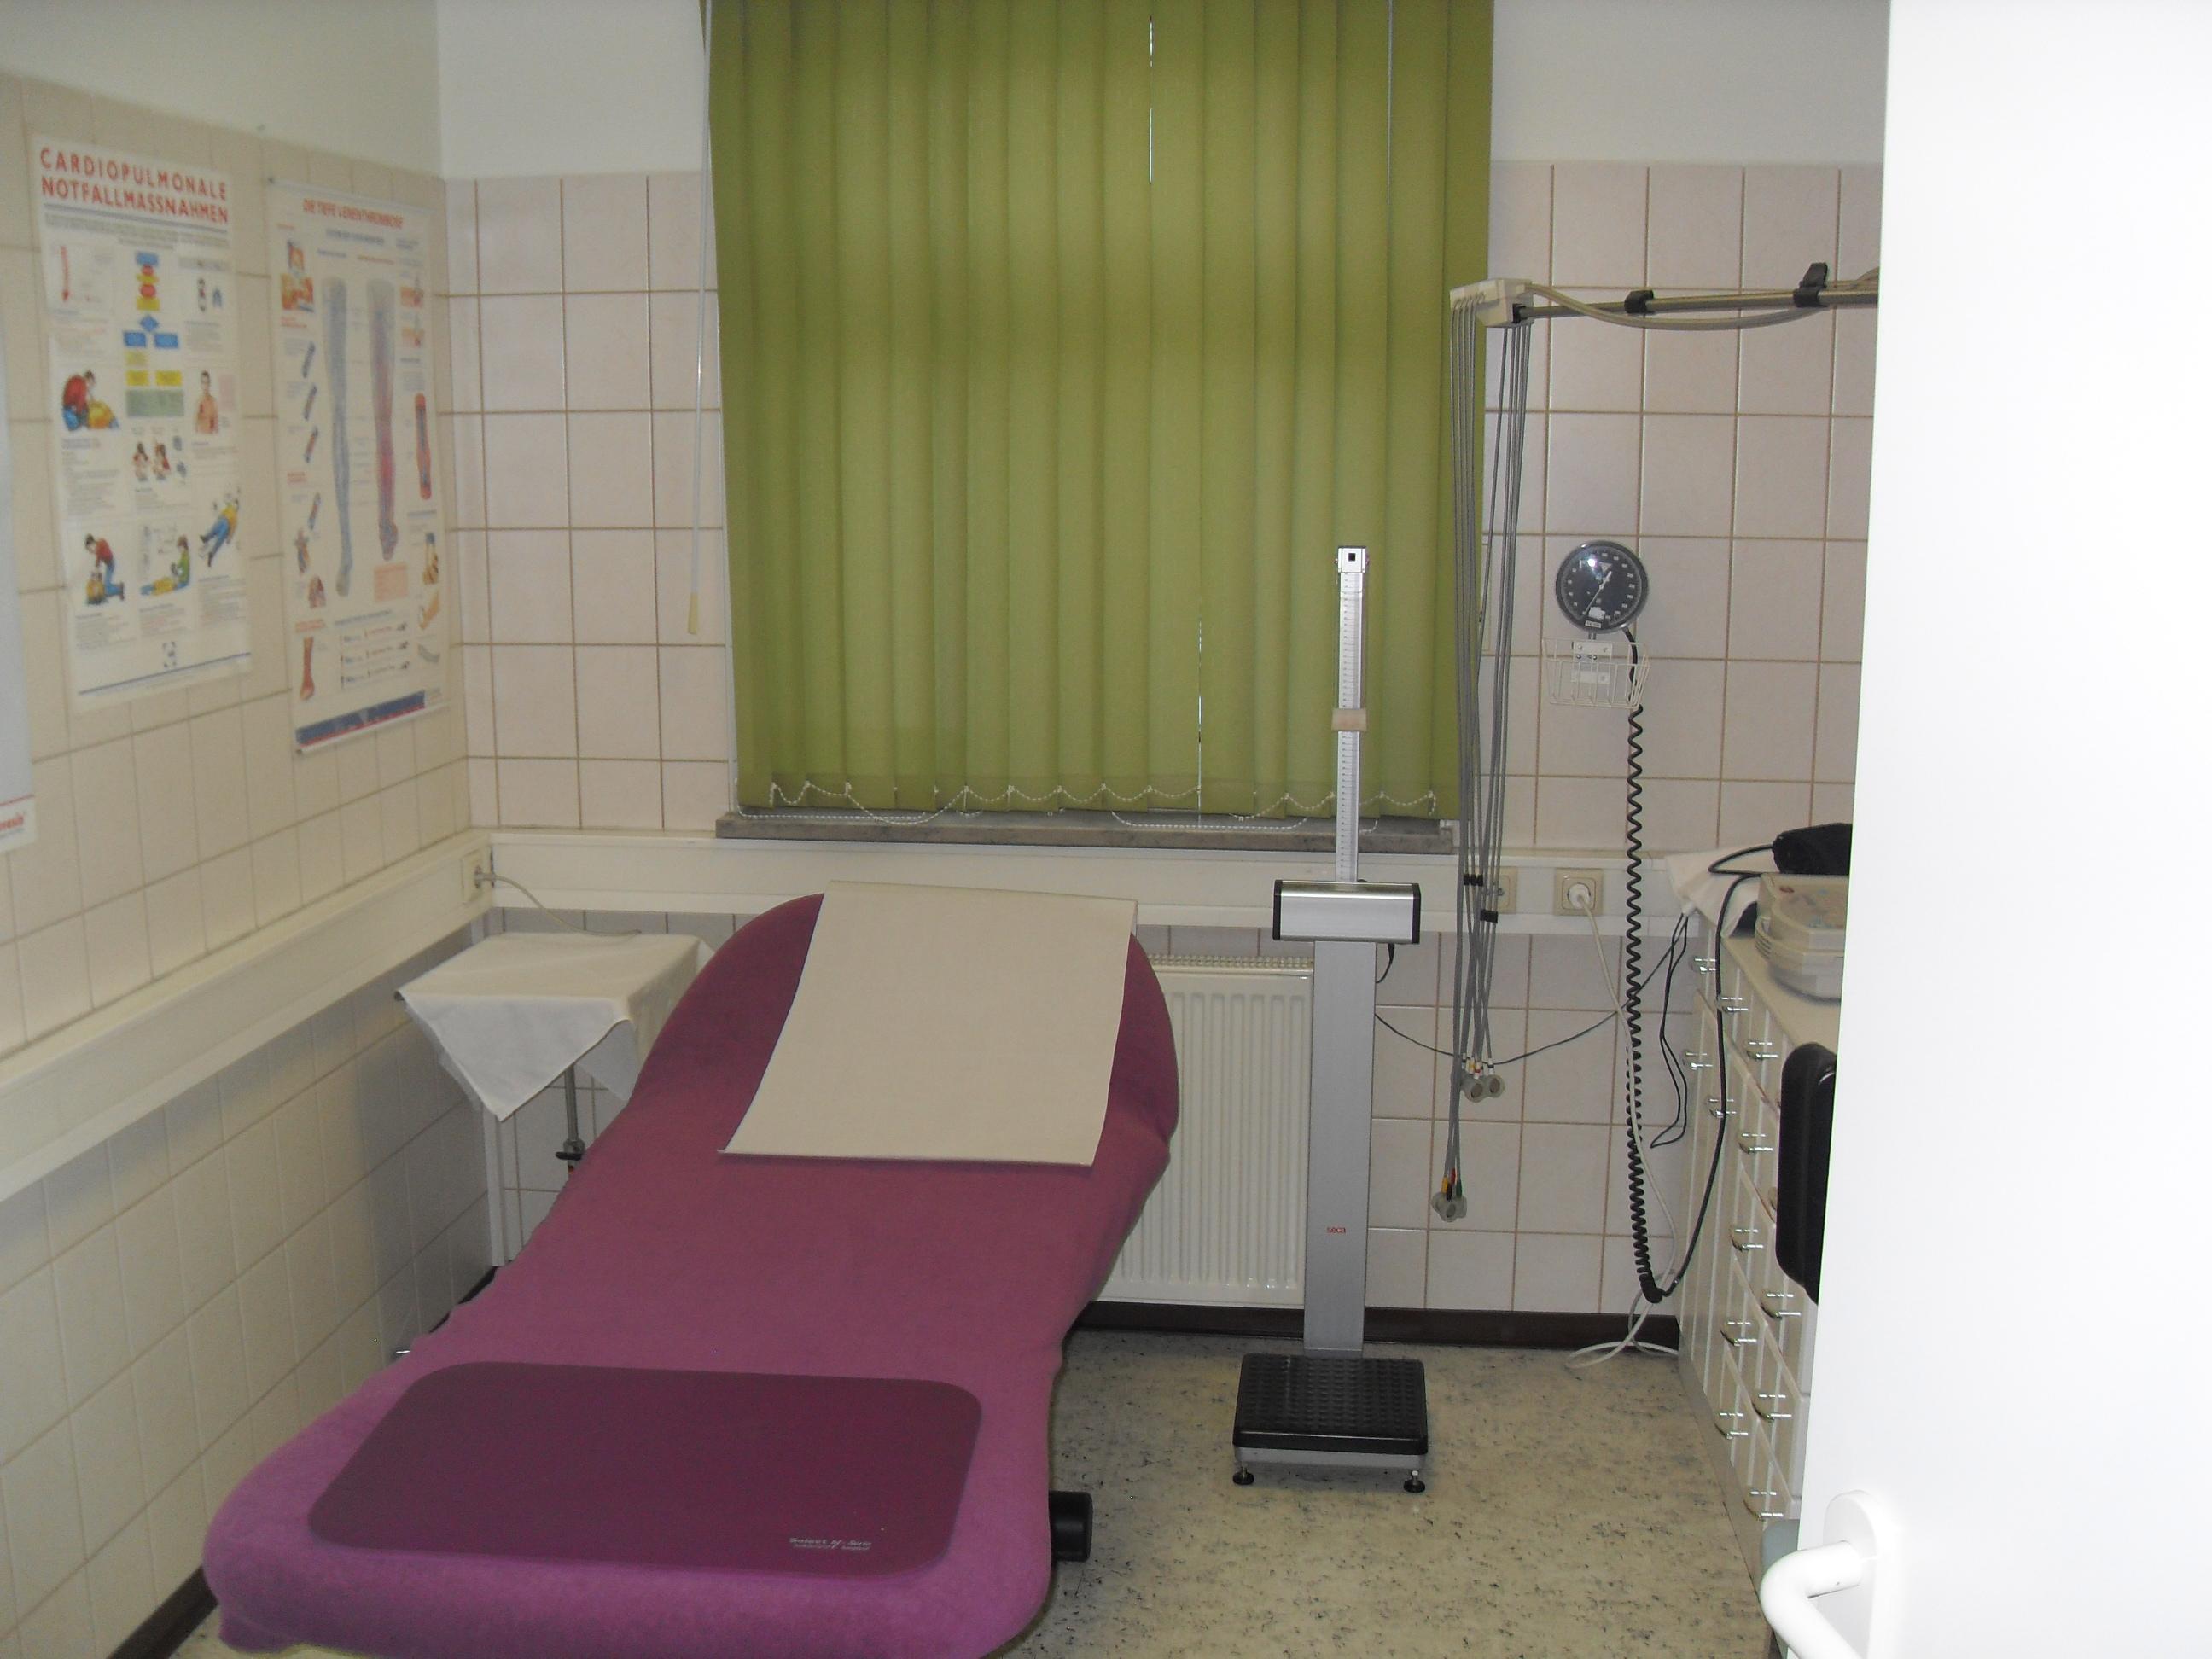 landarztb rse arztpraxis kaufen und verkaufen objekt allgemeinmedizin hausarzt praxis mit. Black Bedroom Furniture Sets. Home Design Ideas